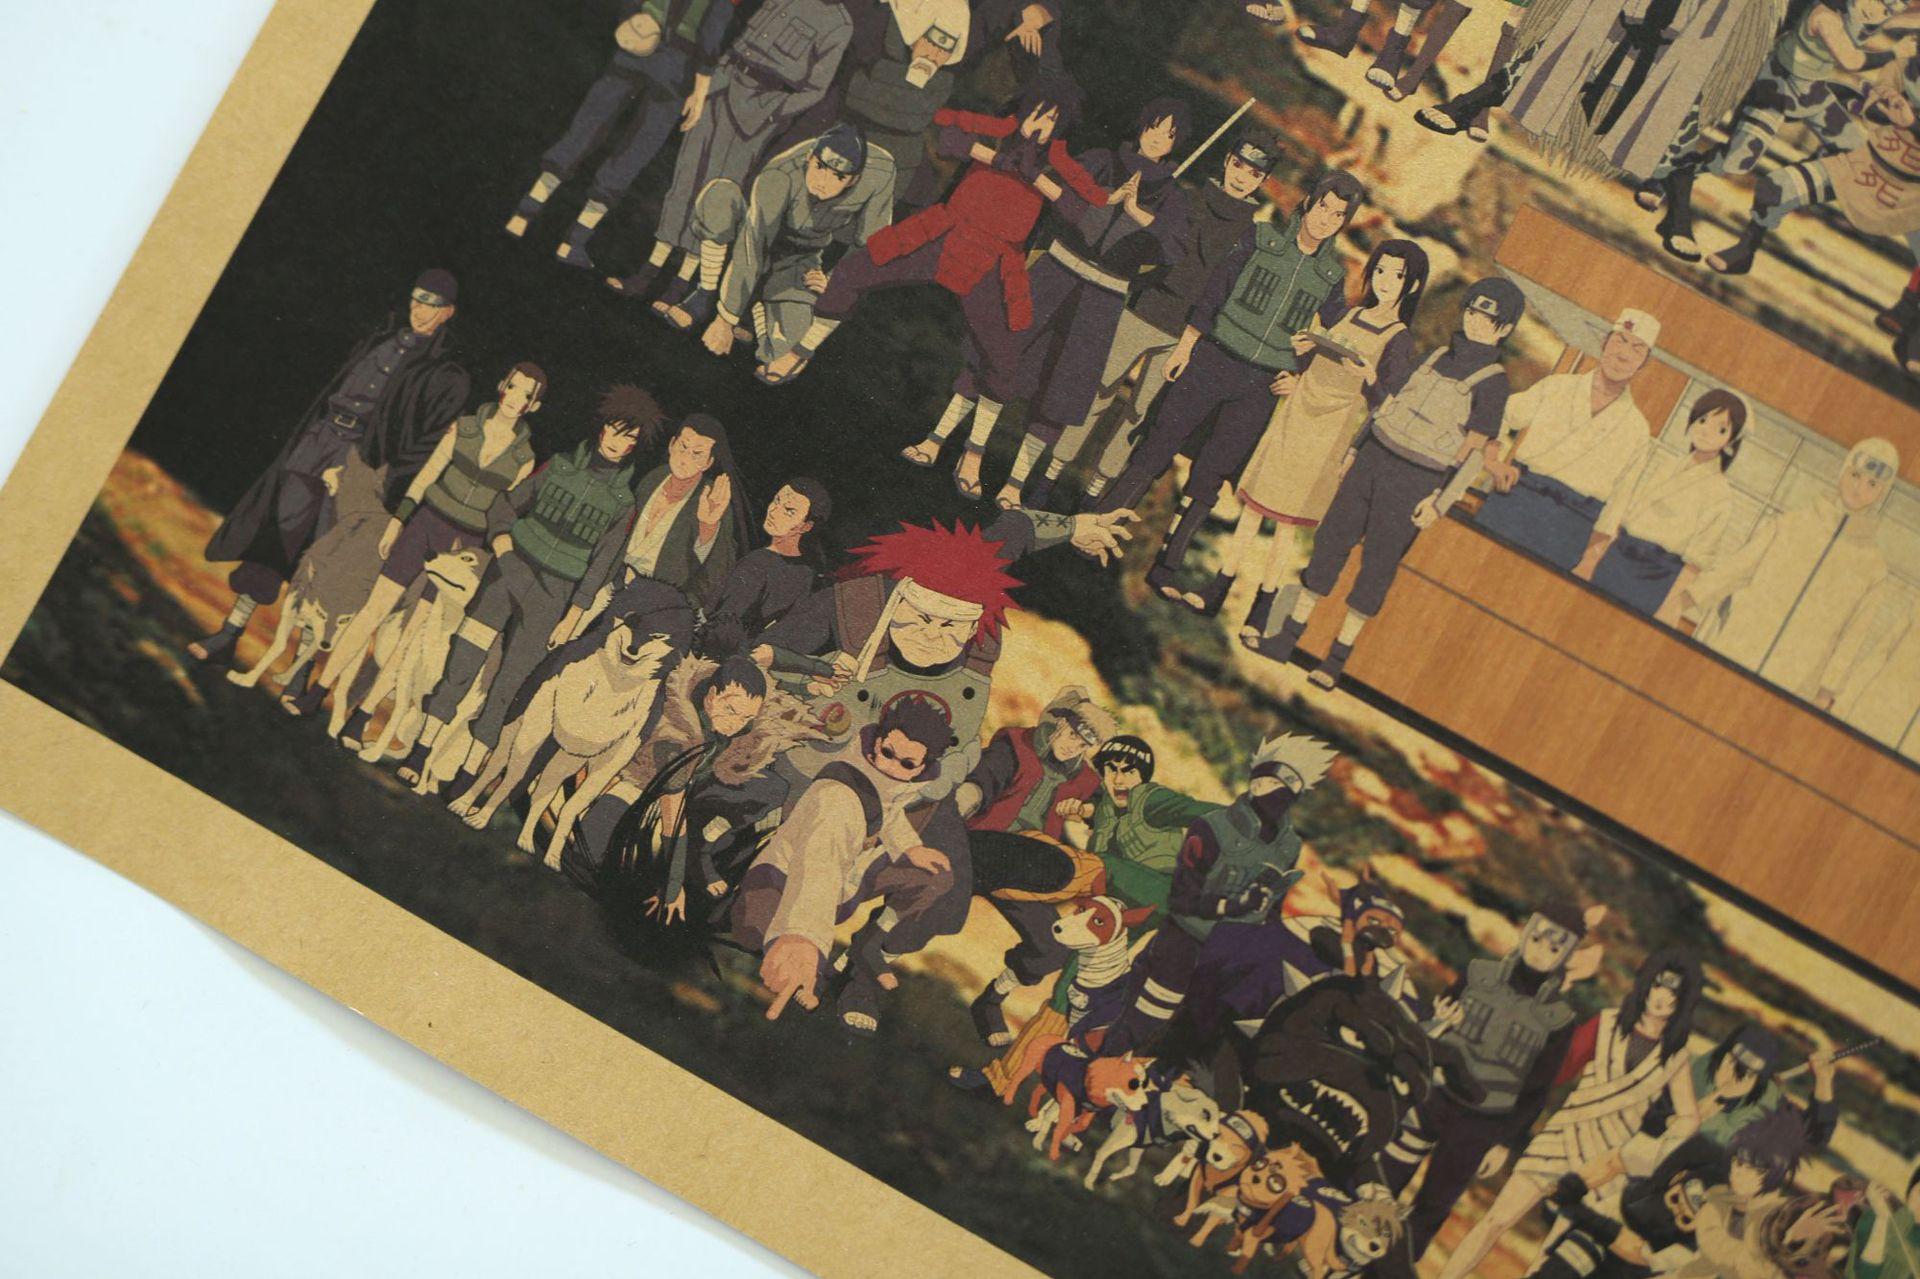 Poster anime Naruto, Tranh kraft đại gia đình Naruto size Lớn 70.5*50cm [KA002]